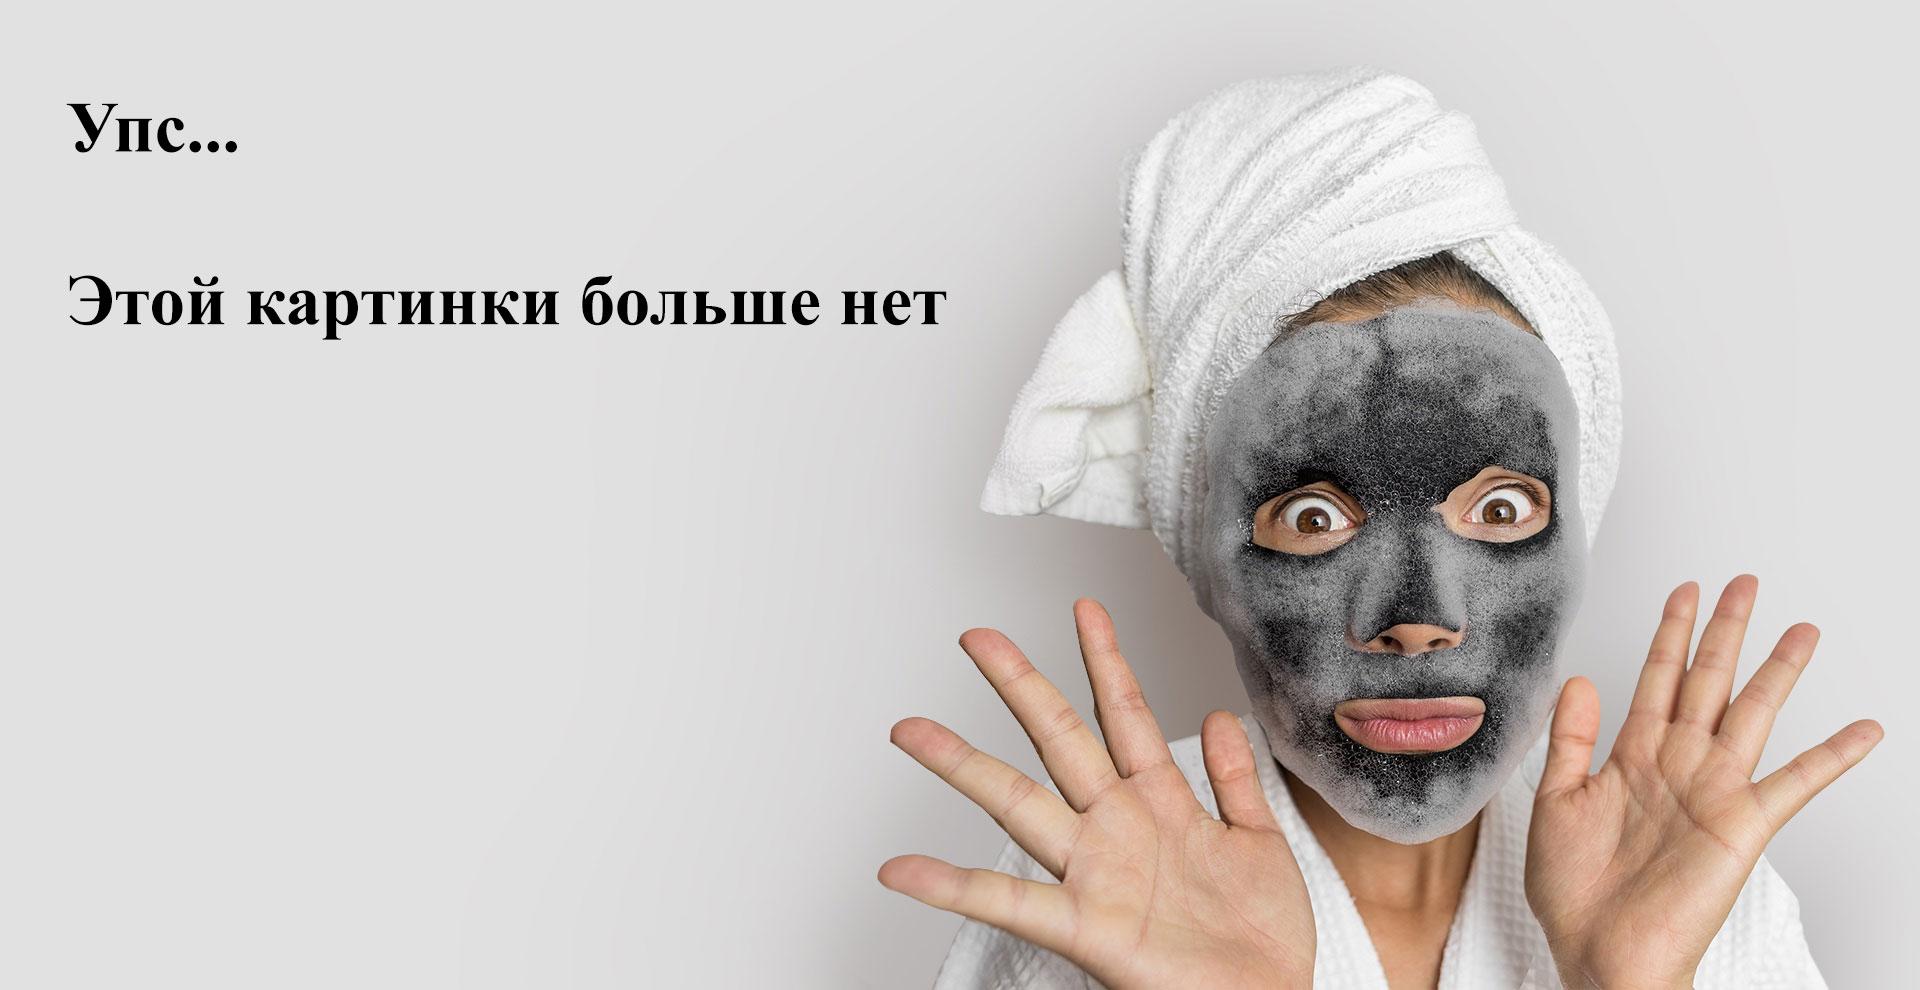 Siberina, Зубная паста «Эвкалипт», 50 мл